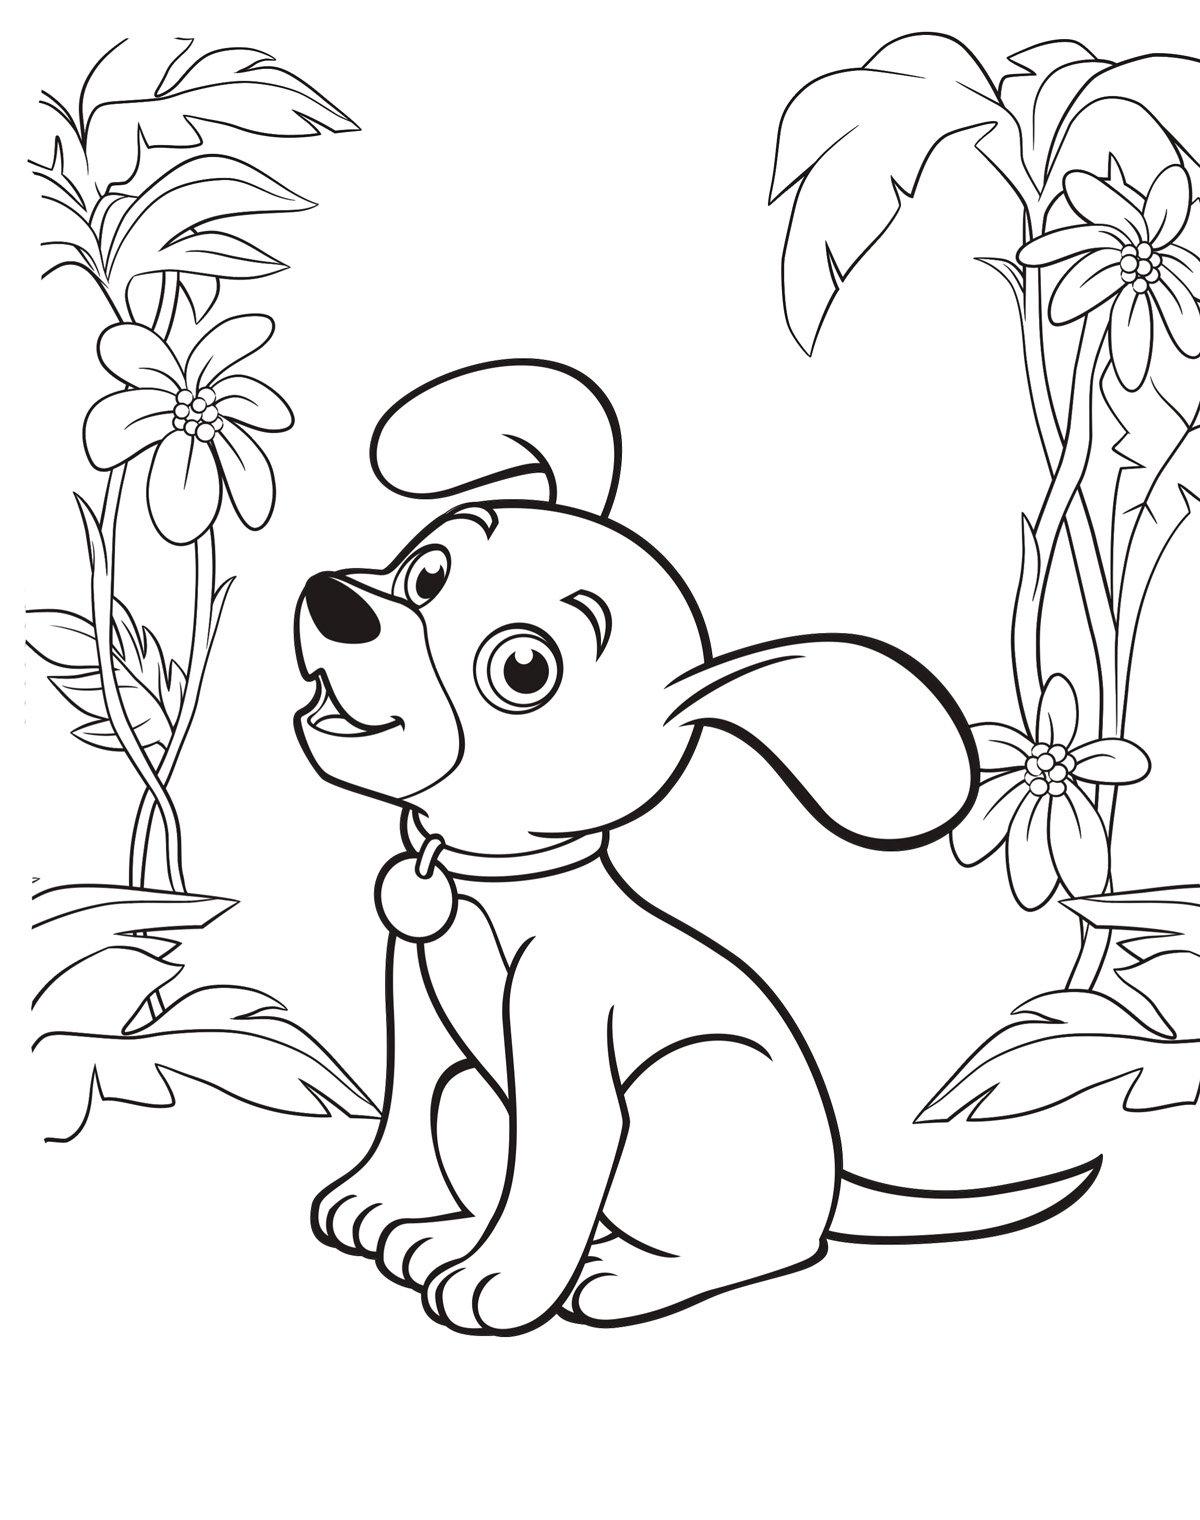 Открытка, картинки с собачками для раскрашивания распечатать